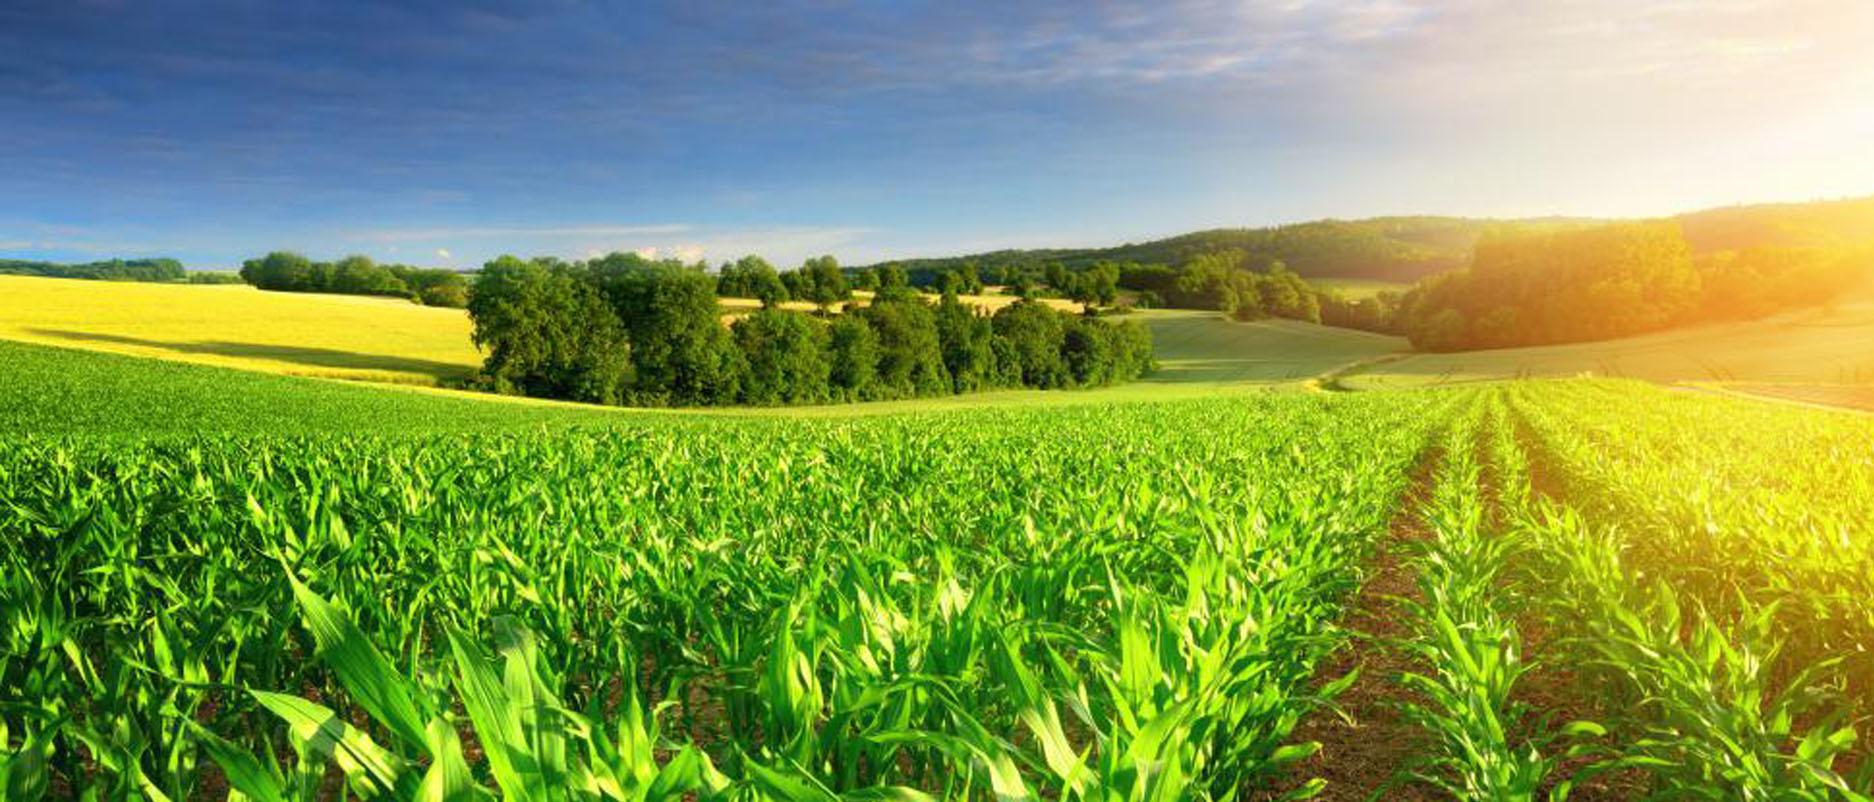 Công ty Cổ phần Nông nghiệp Thế hệ mới